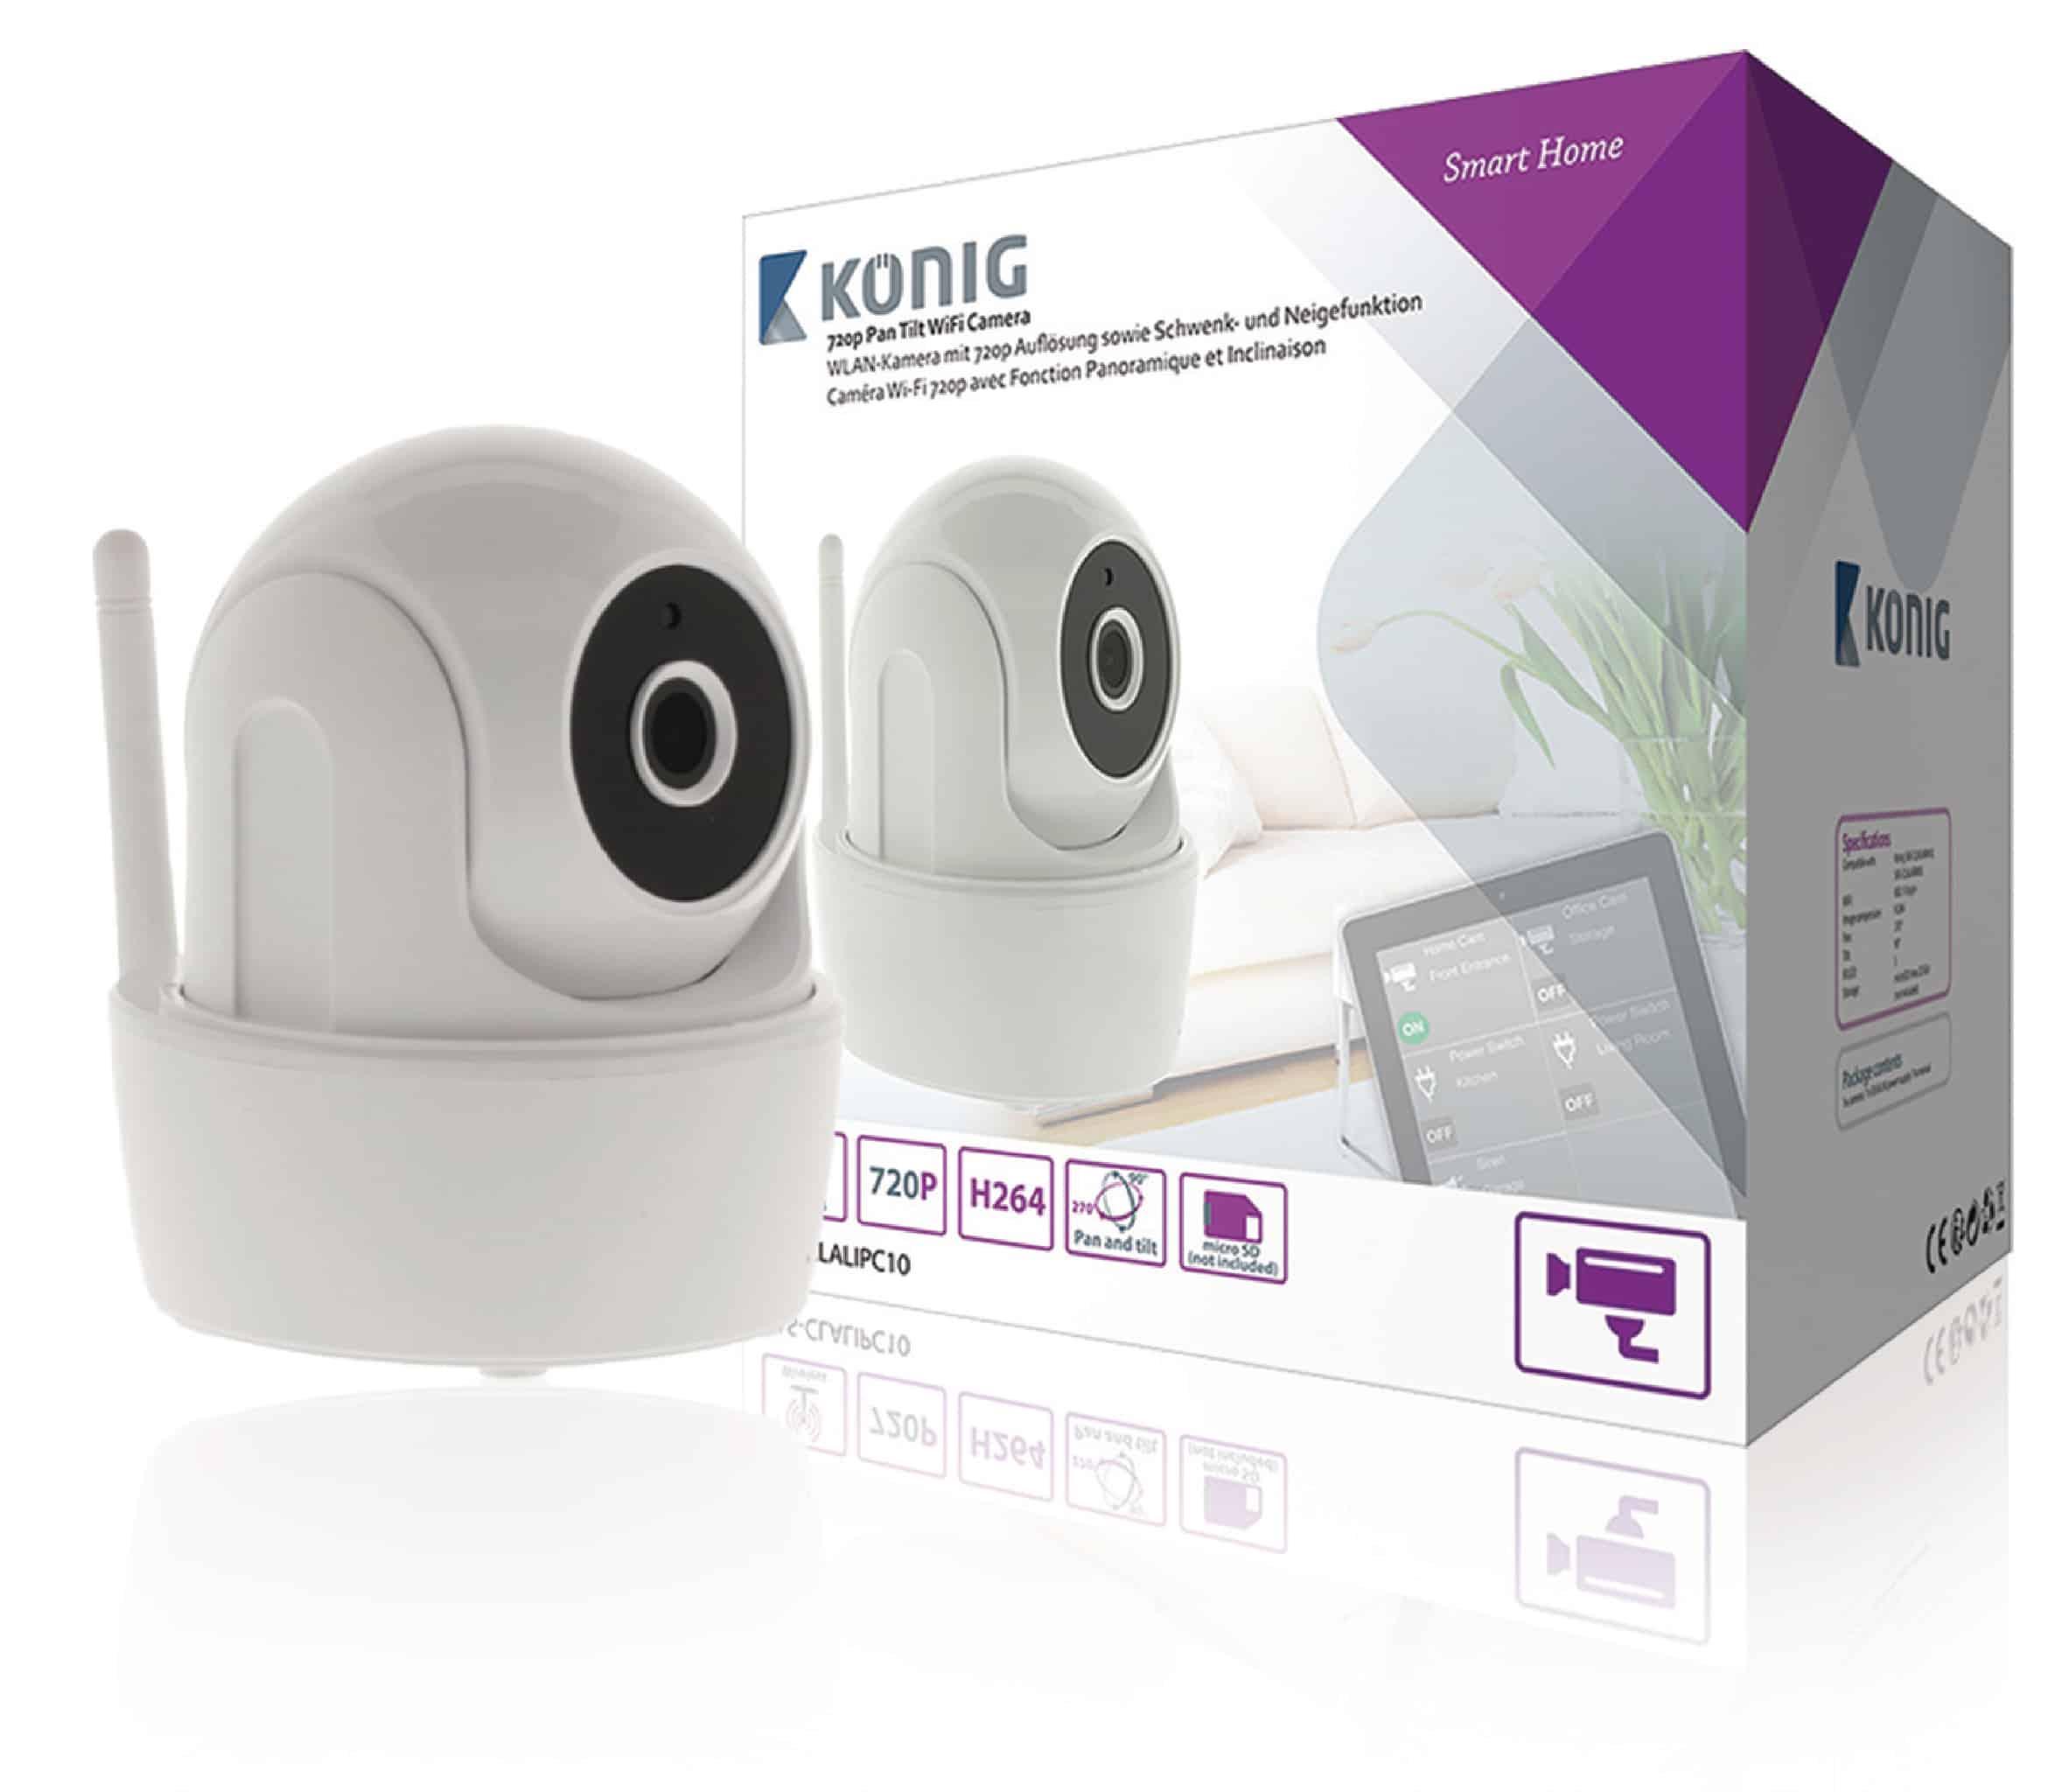 König IP camera HD indoor SAS CLALIPC10 1